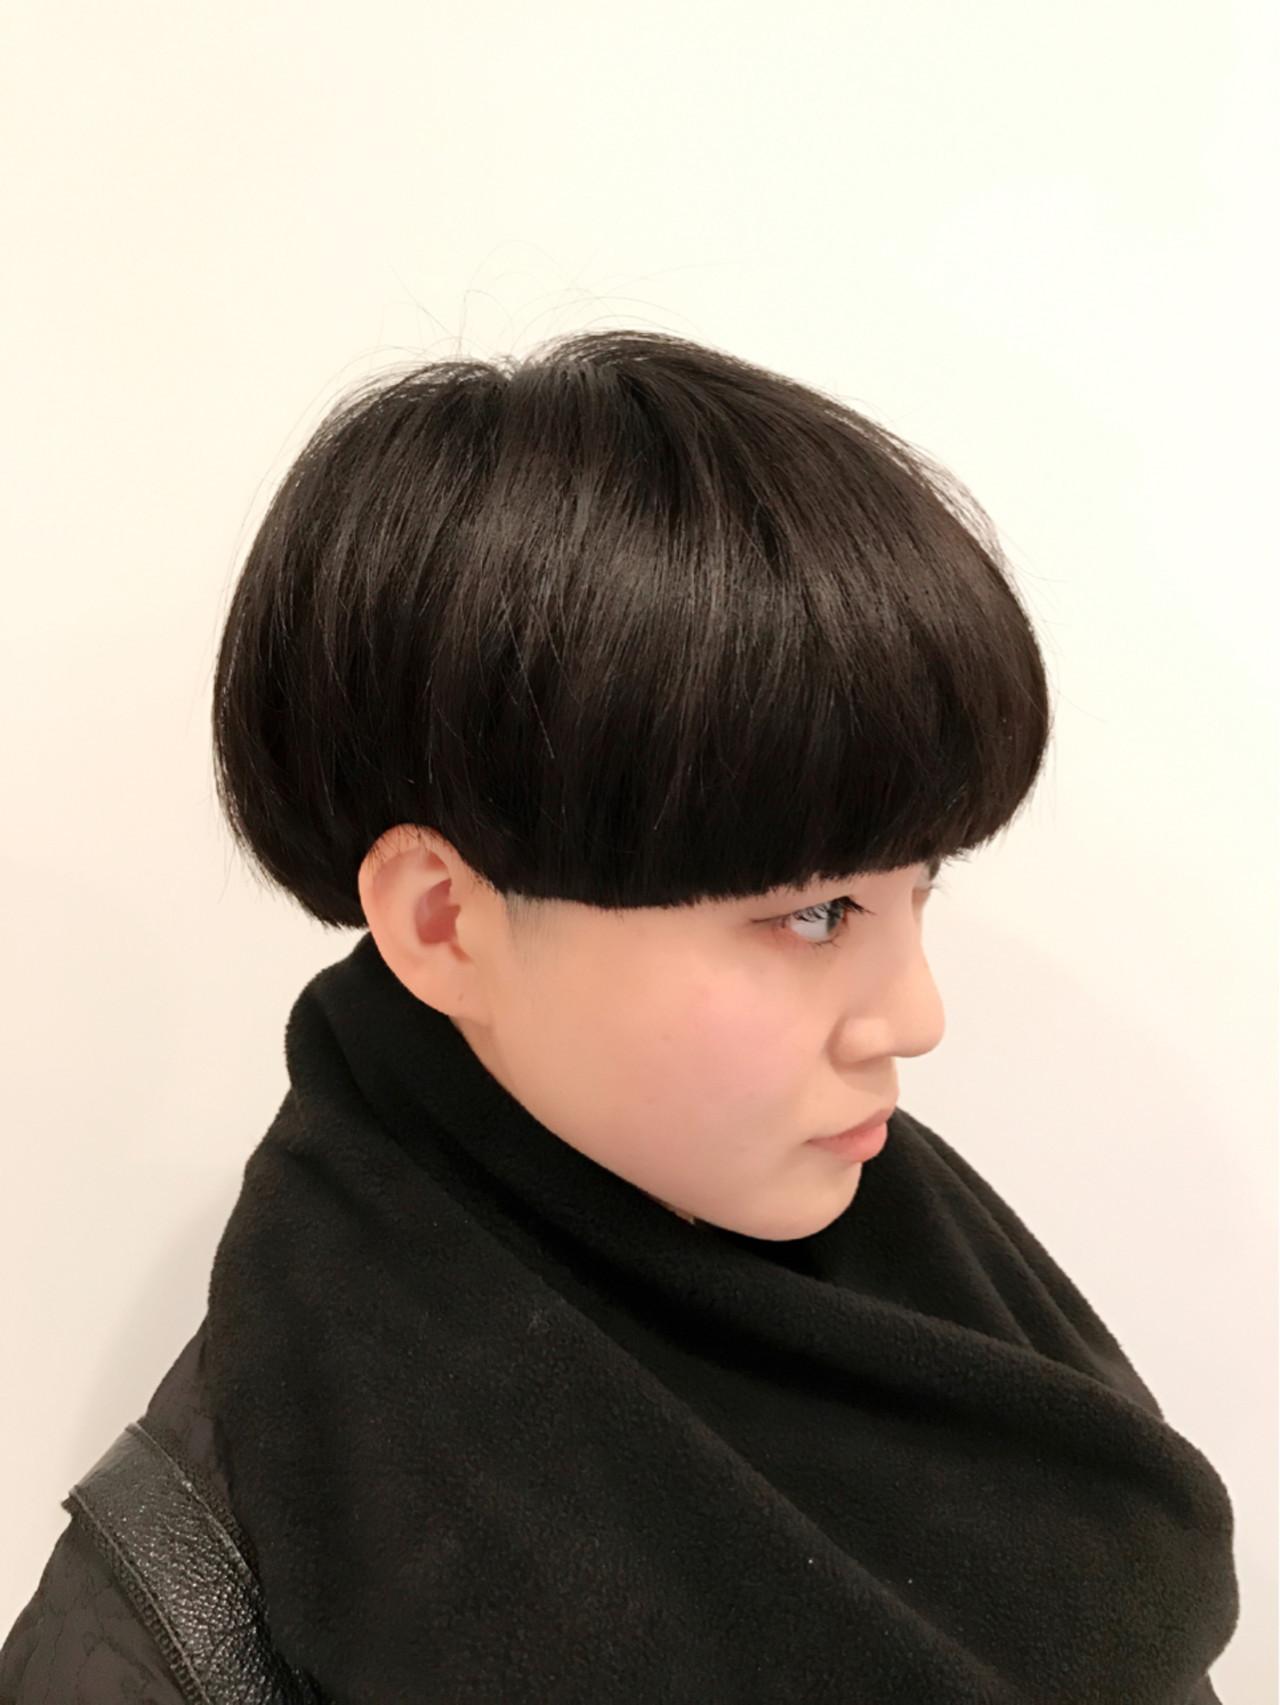 ボブ 刈り上げ ショート ワンレングス ヘアスタイルや髪型の写真・画像